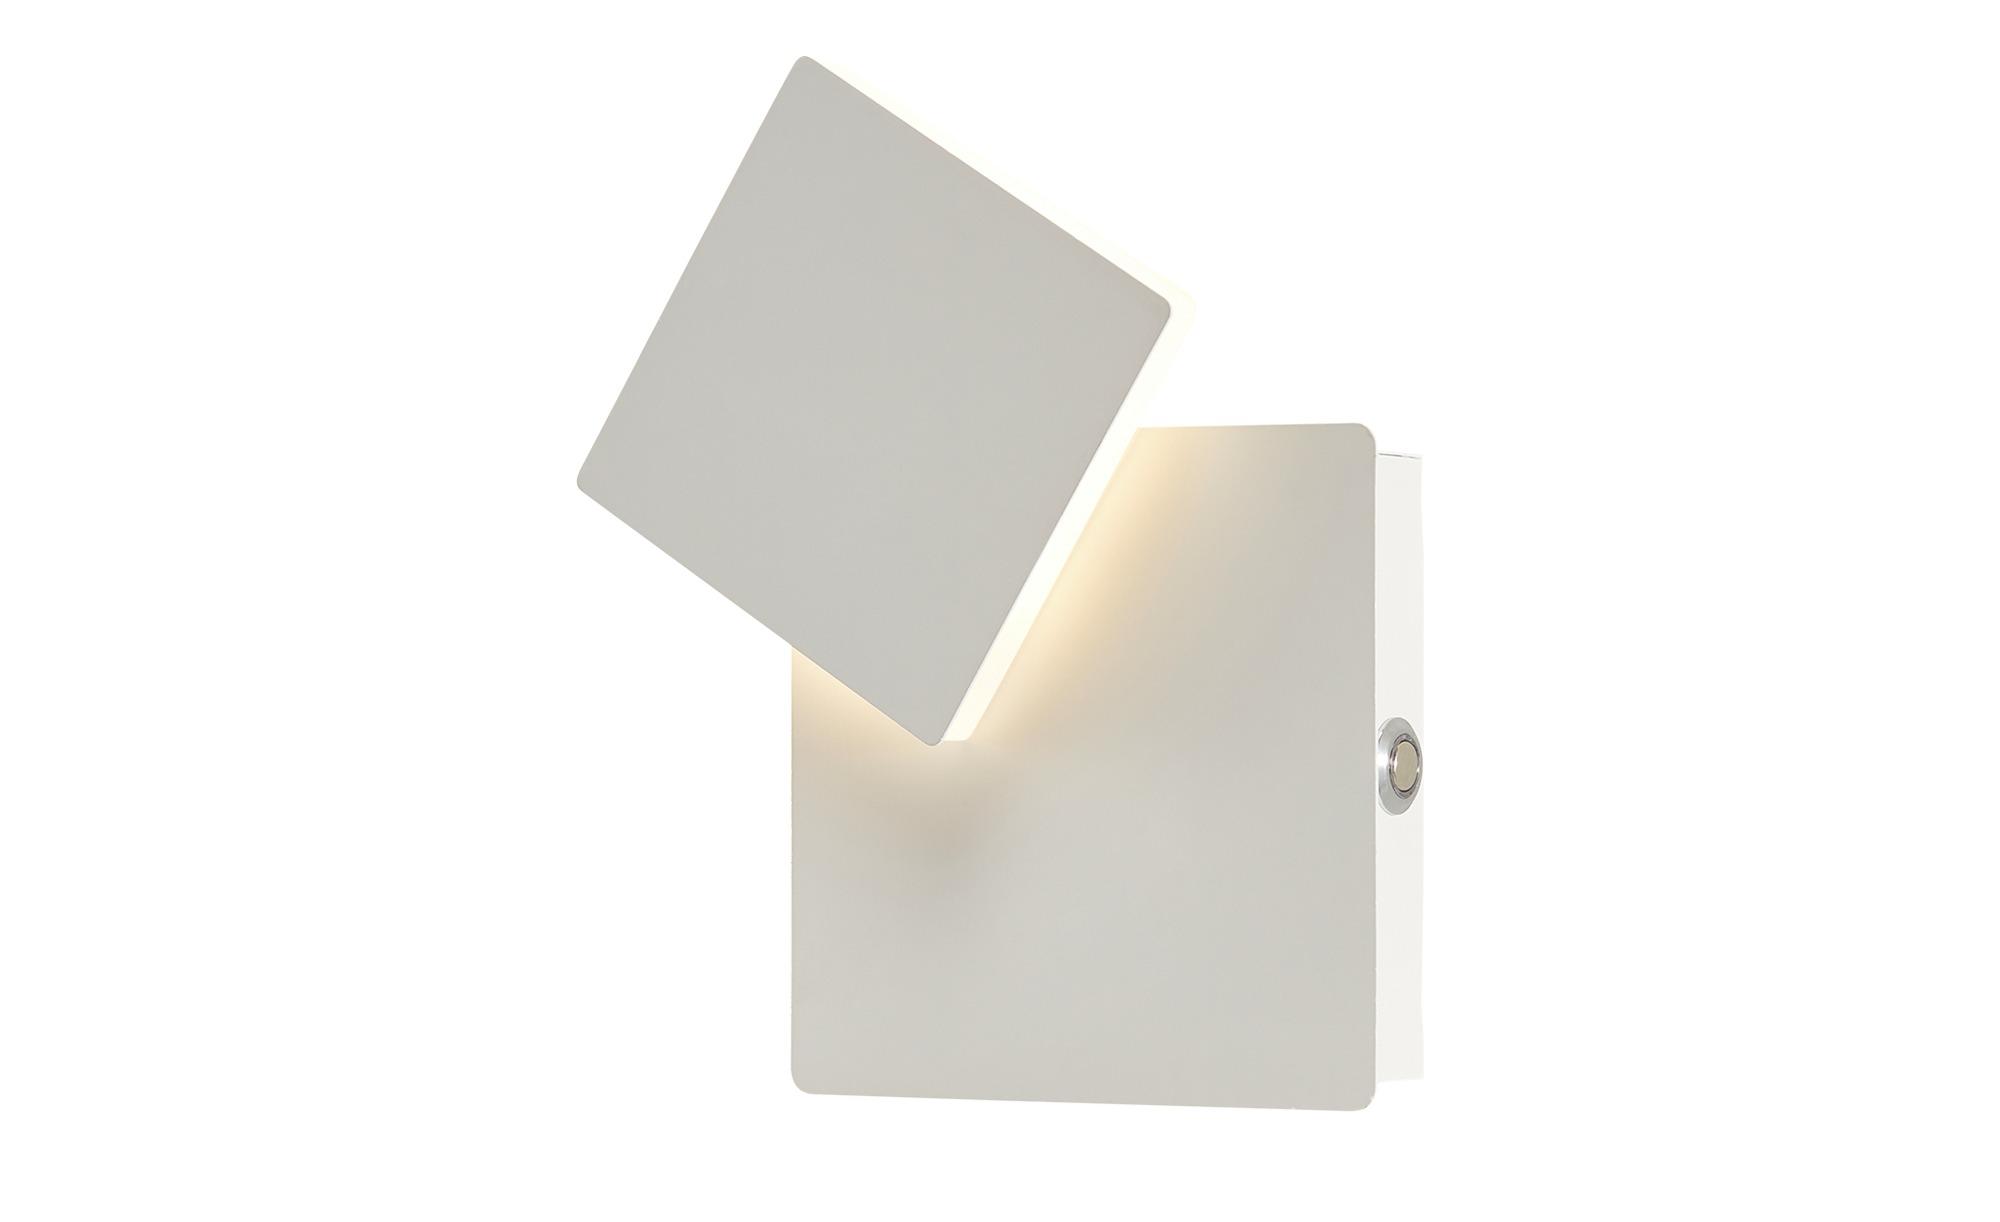 Meisterleuchten LED-Wandleuchte, weiß, eckig ¦ weiß ¦ Maße (cm): B: 13 H: 4,5 Lampen & Leuchten > Innenleuchten > Wandleuchten - Höffner